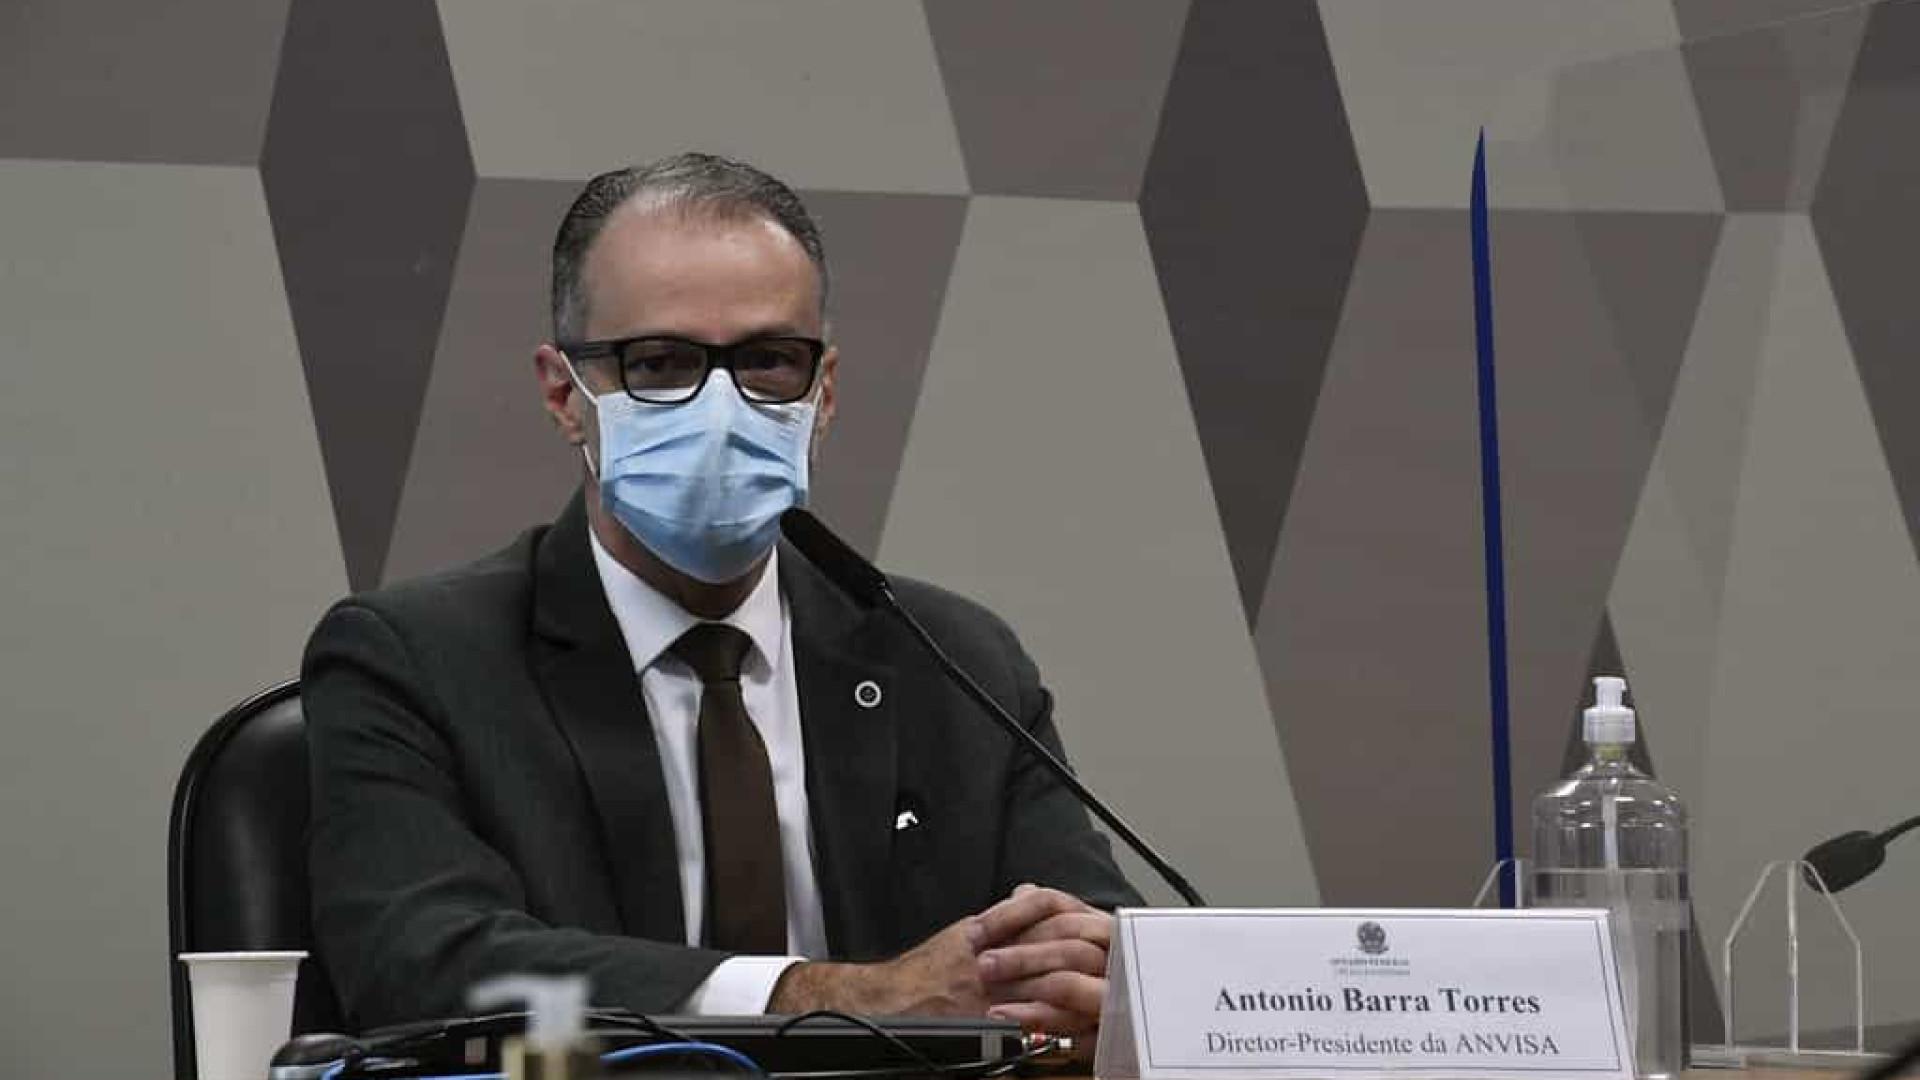 Barra Torres confirma reunião sobre bula da cloroquina: 'sem cabimento'